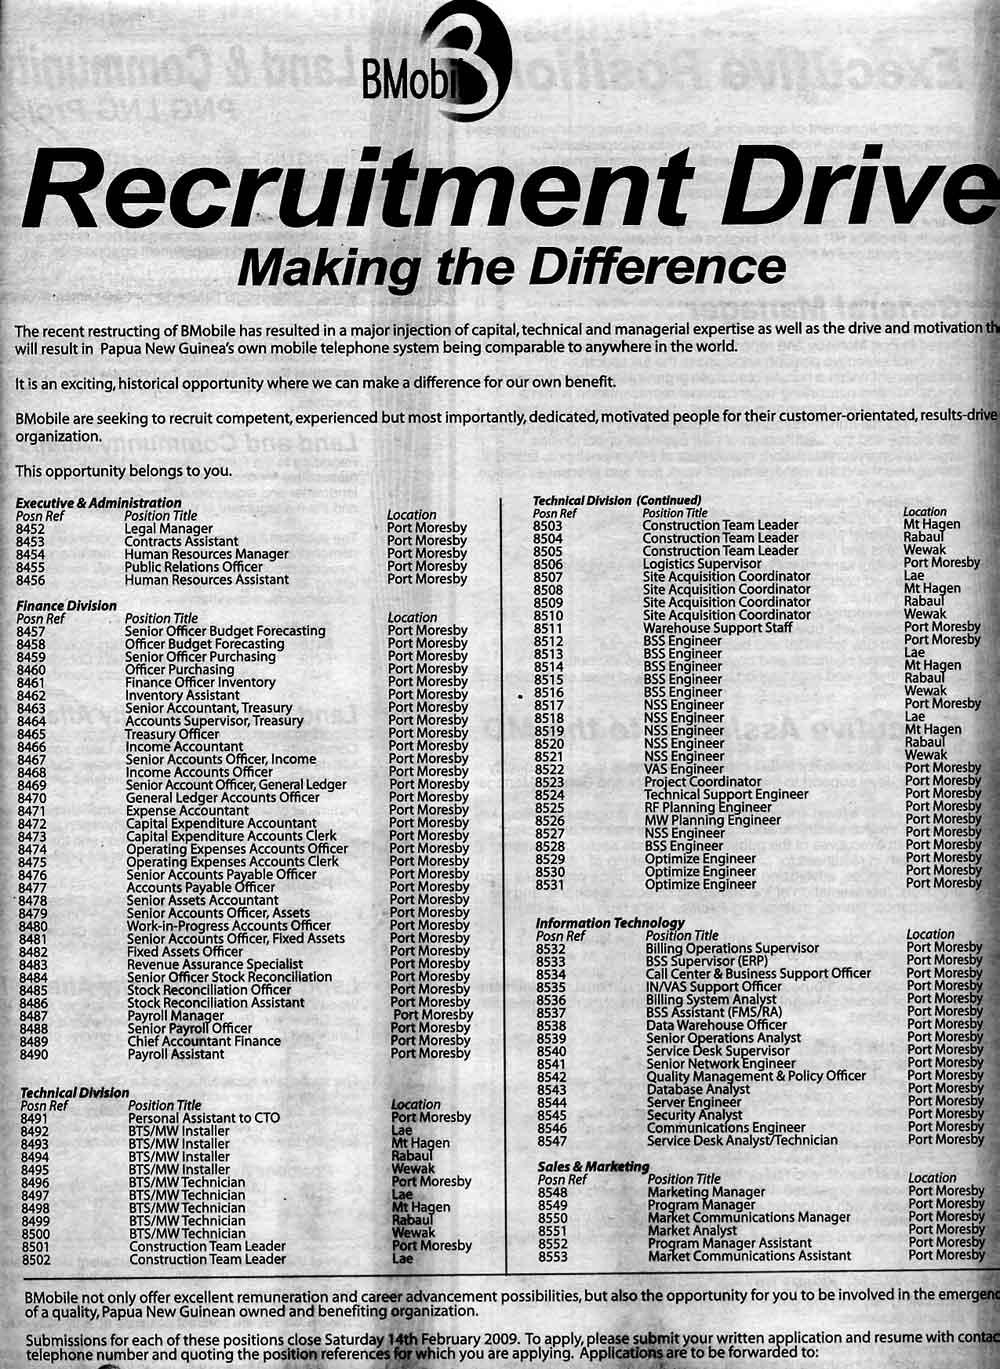 bmobile_recruitment_drive